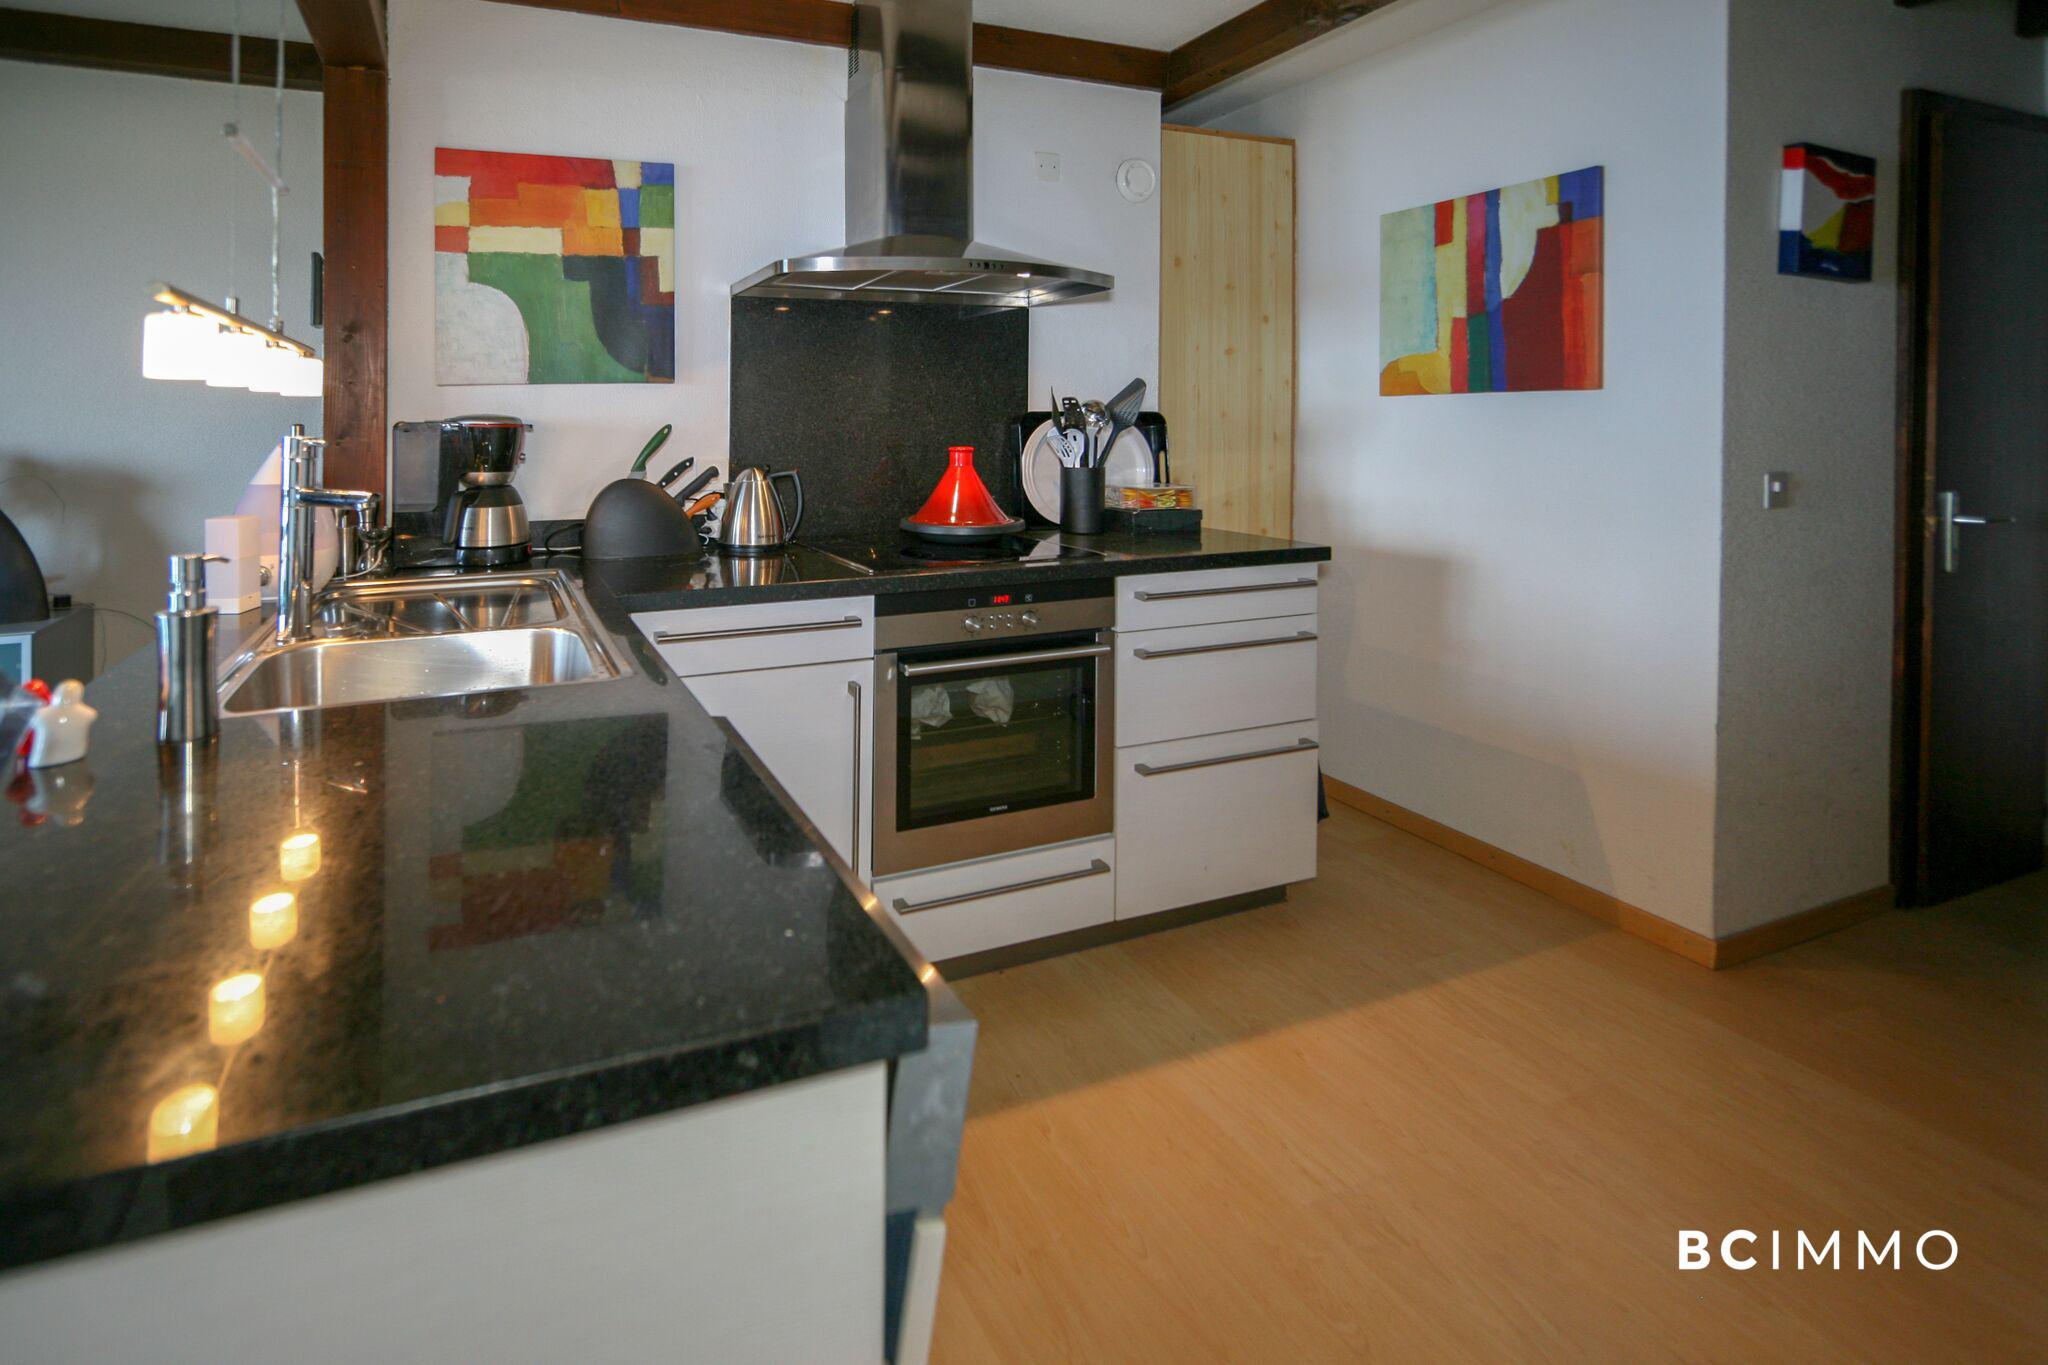 BC Immo - Superb apartment in Torgon - Portes du Soleil - 1899AC2